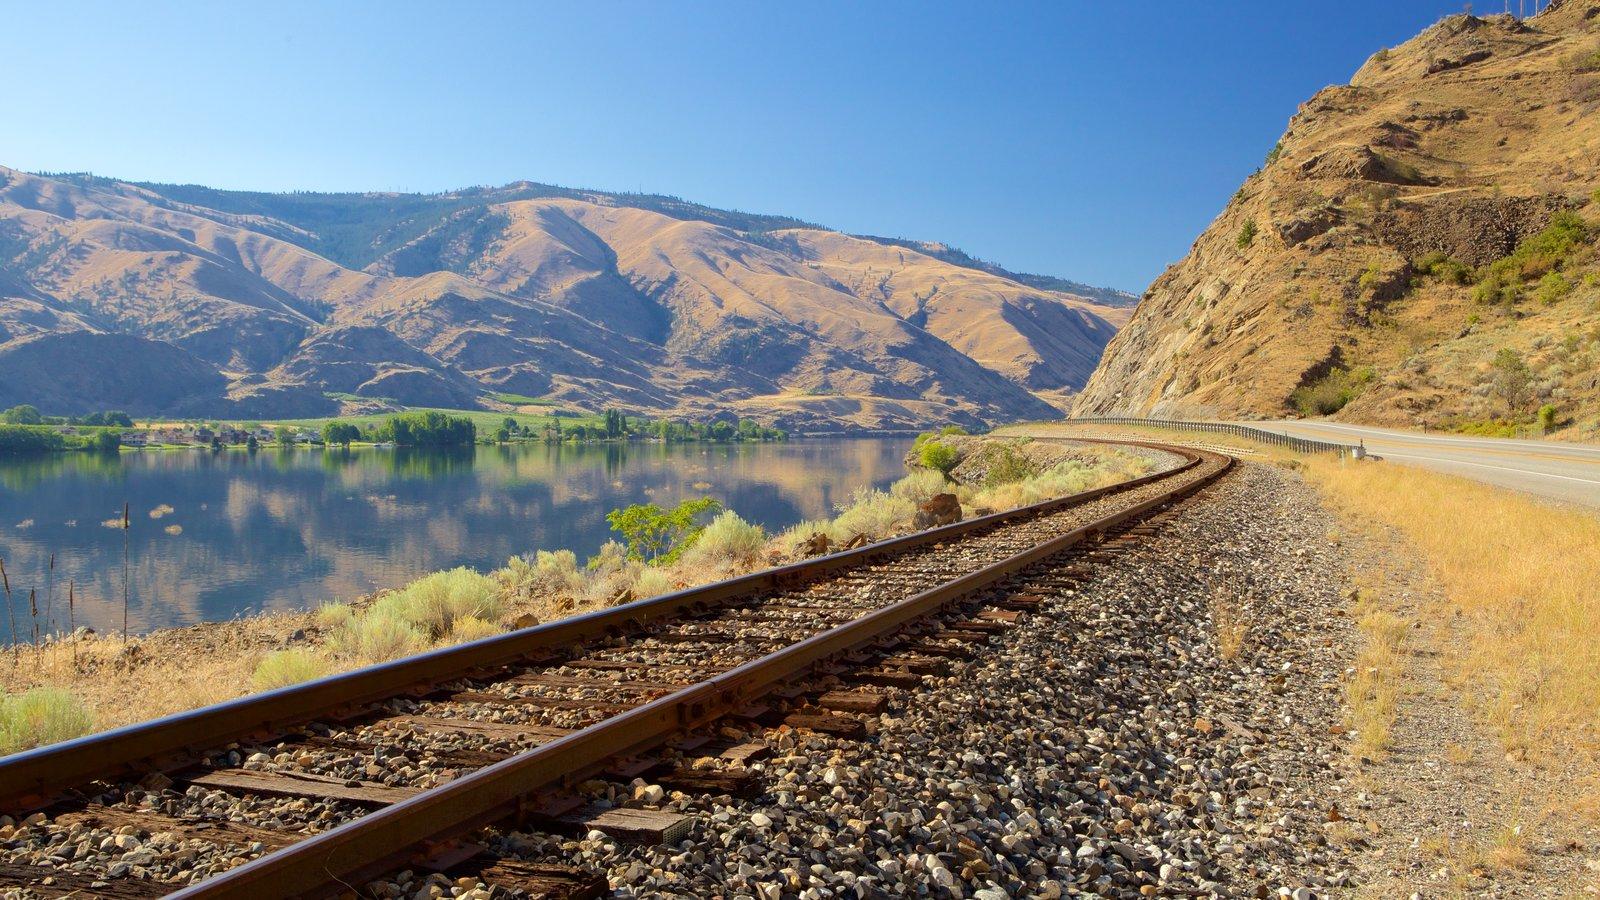 Wenatchee - Lake Chelan caracterizando montanhas, itens de ferrovia e um rio ou córrego